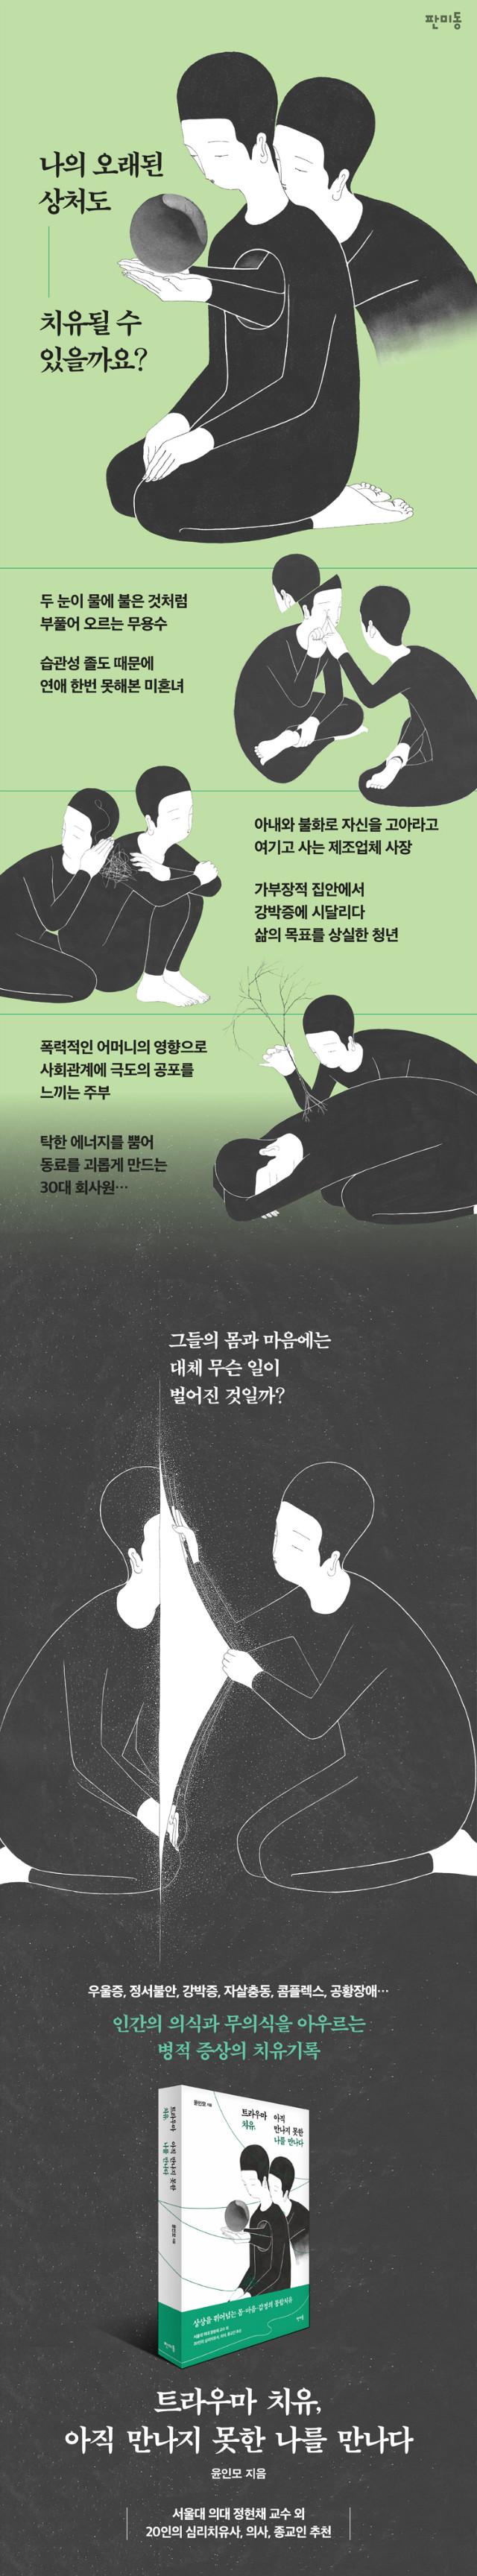 사본 -트라우마치유,아직만나지못한나를만나다_상세페이지.jpg